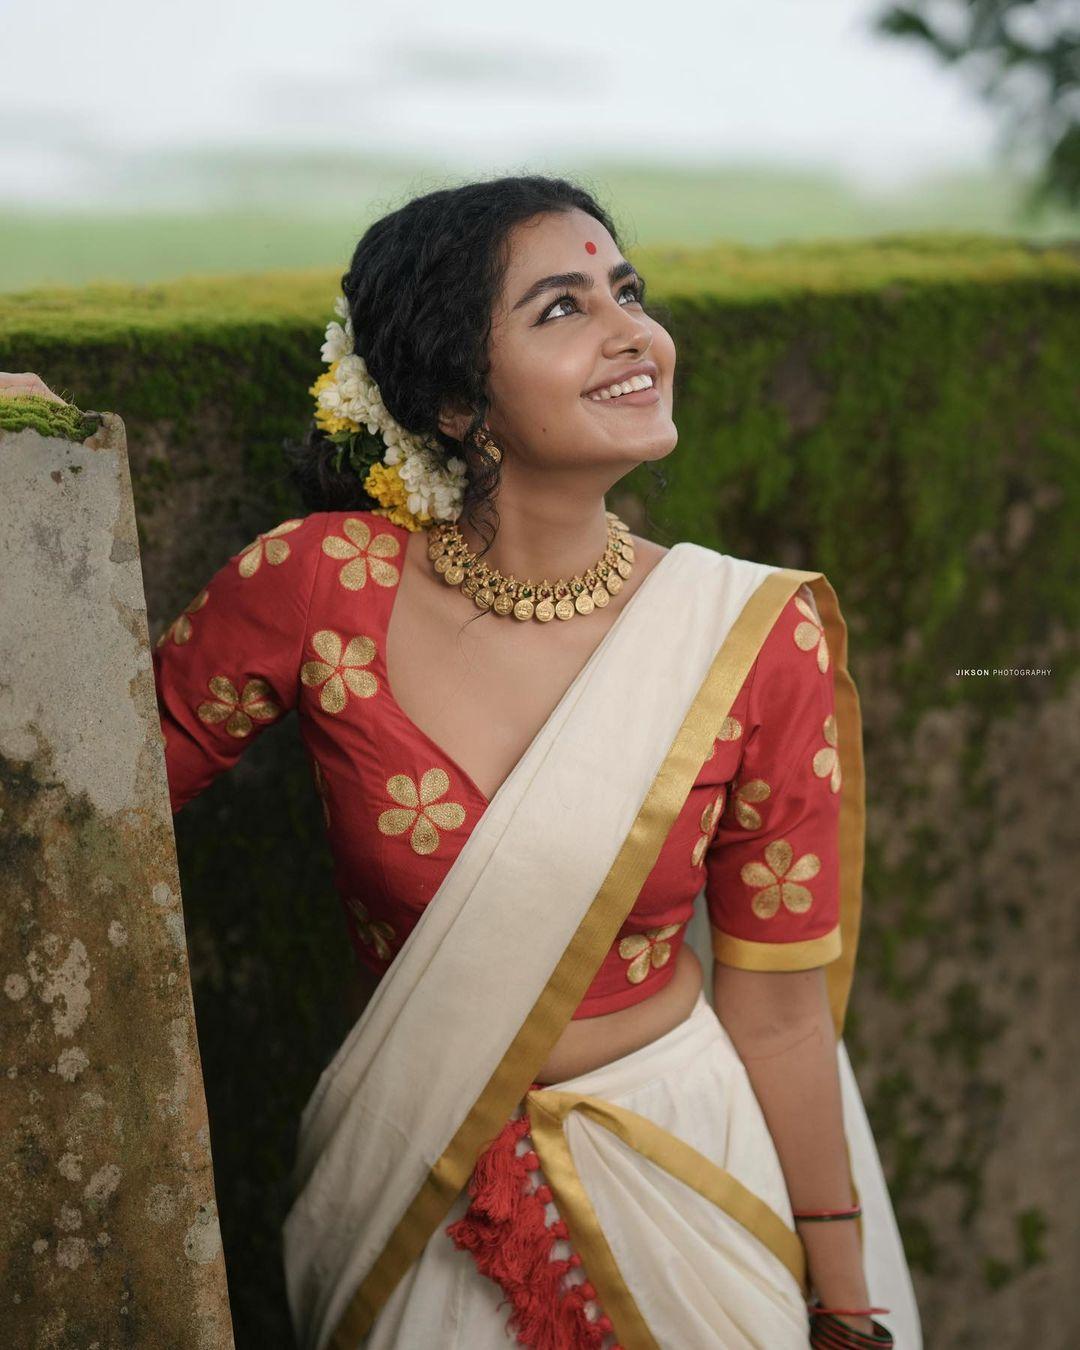 Anupama-Parameswaran-Onam-Photoshoot-4